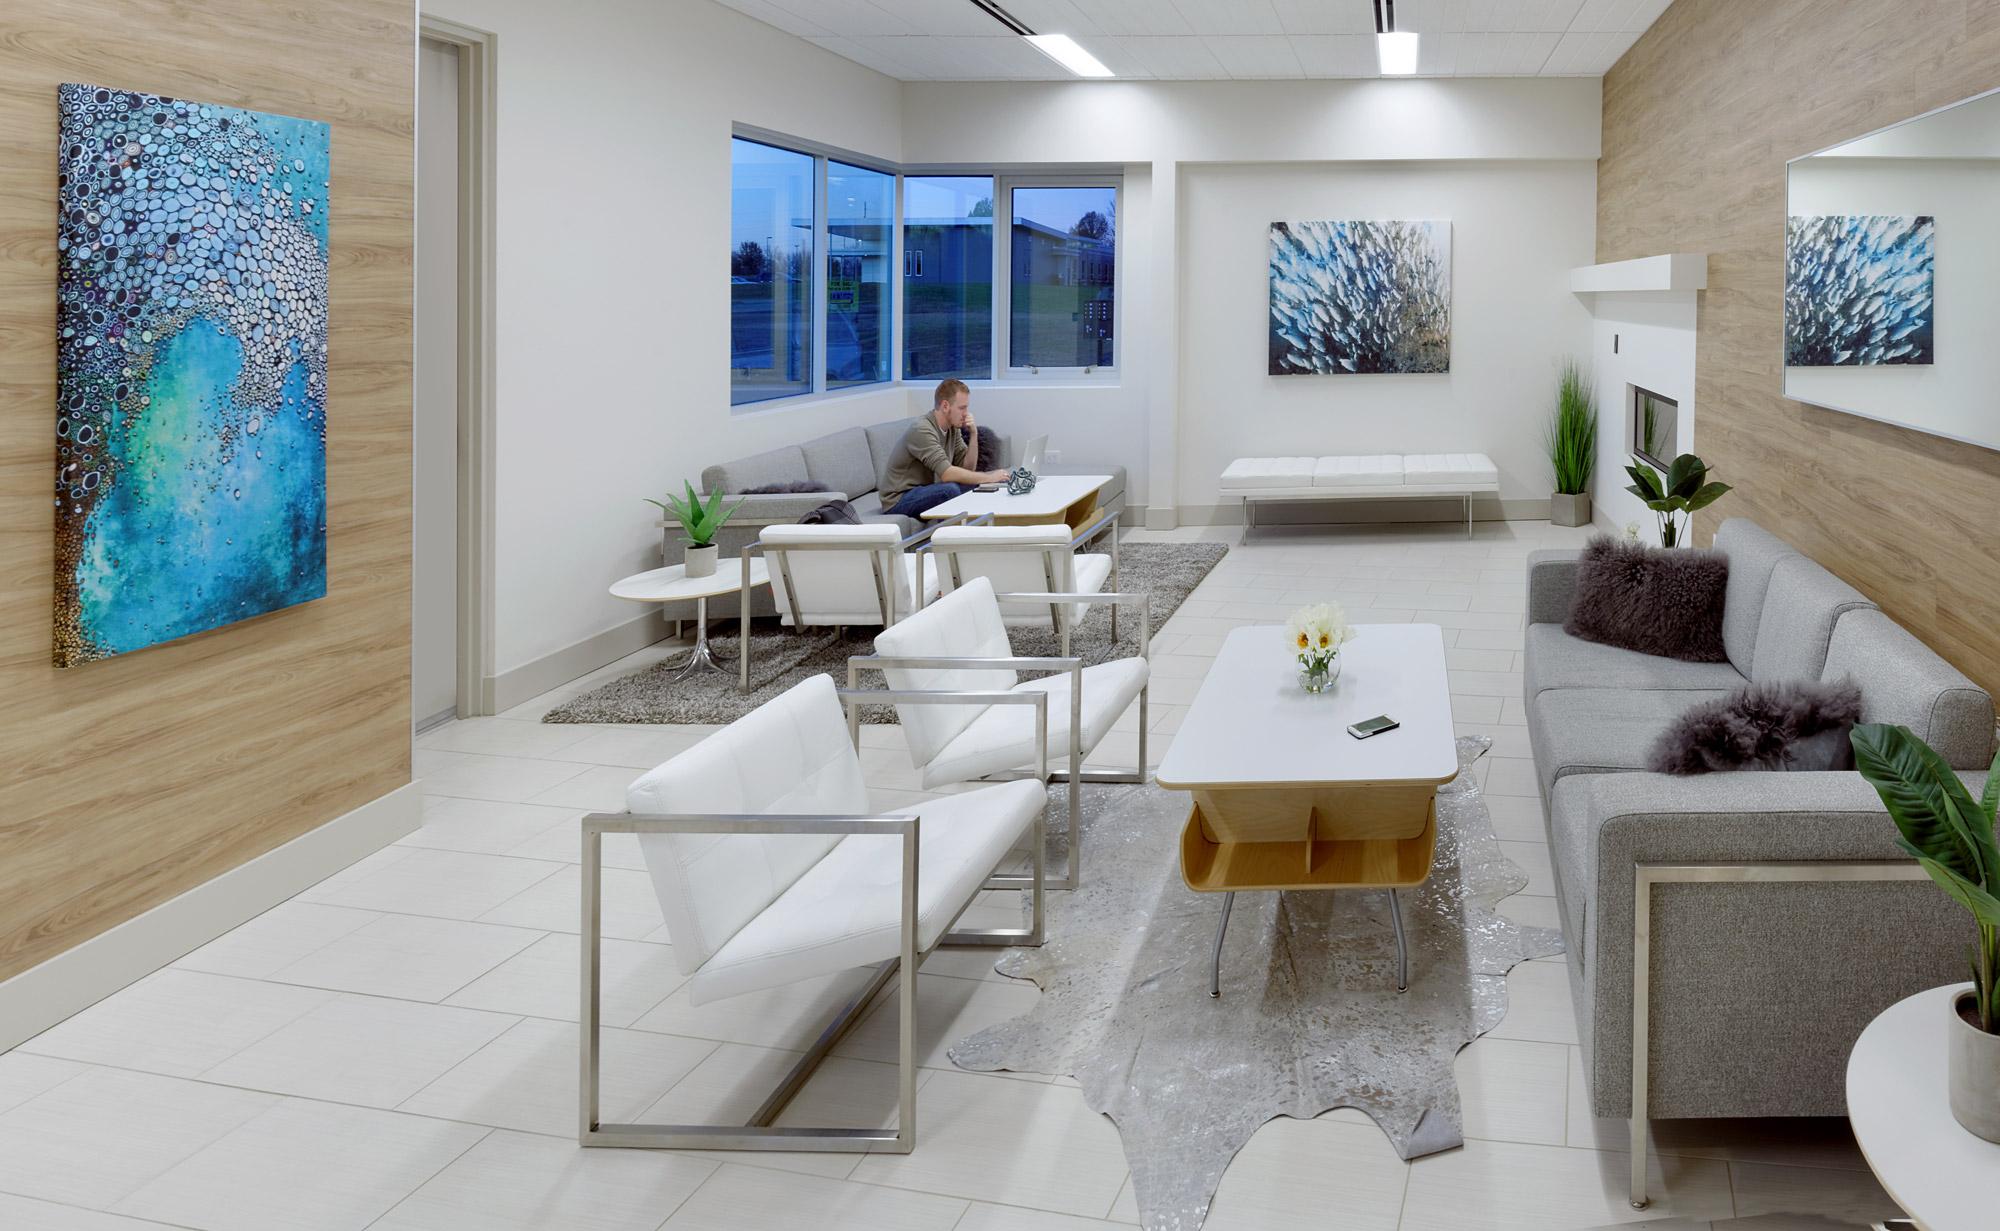 Britecore-H-Design-Interior-02.jpg